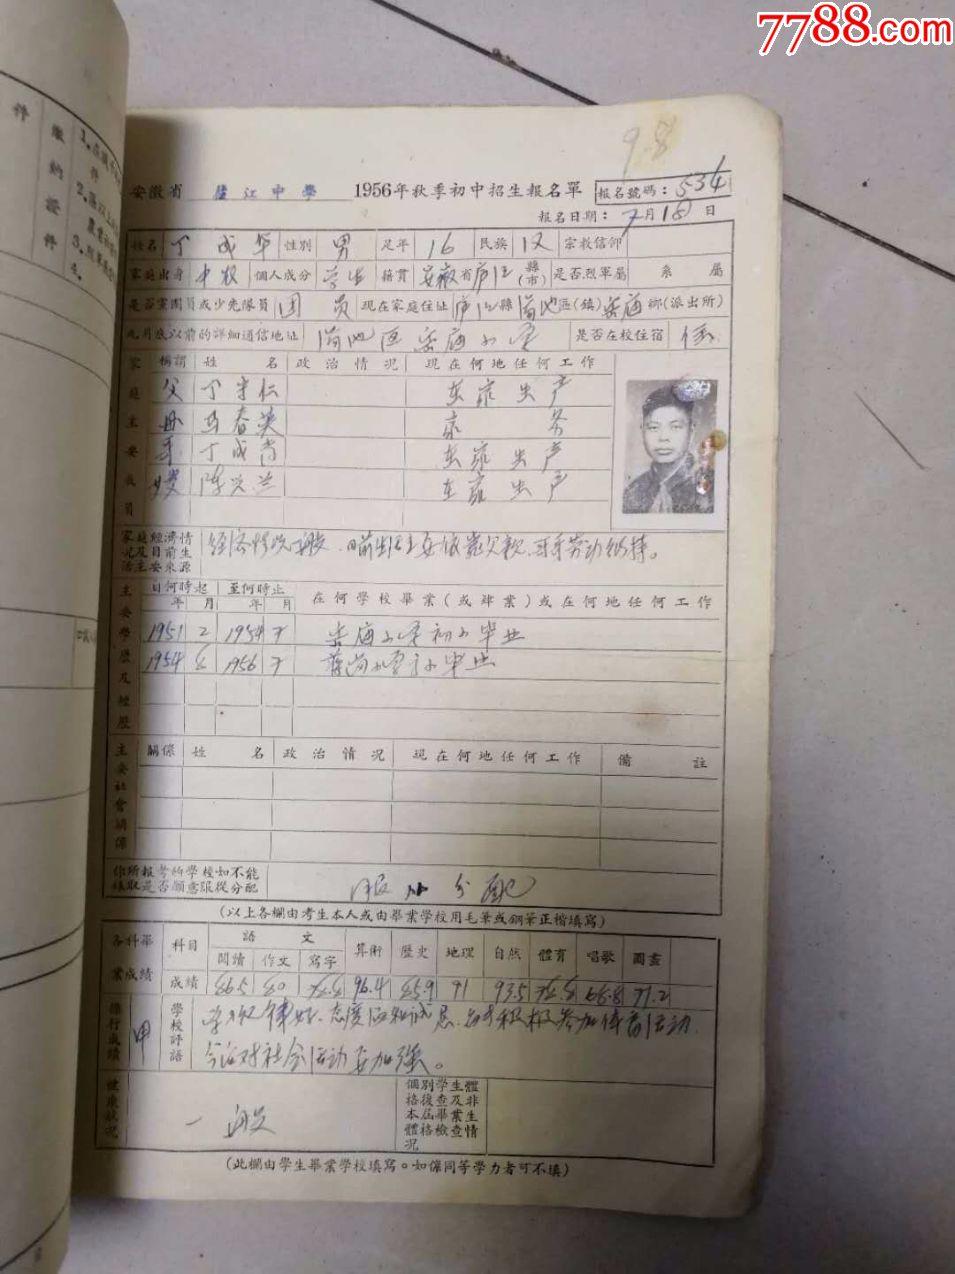 安徽省庐江初中1956年秋季初中中学报名单50东阳学生横店图片